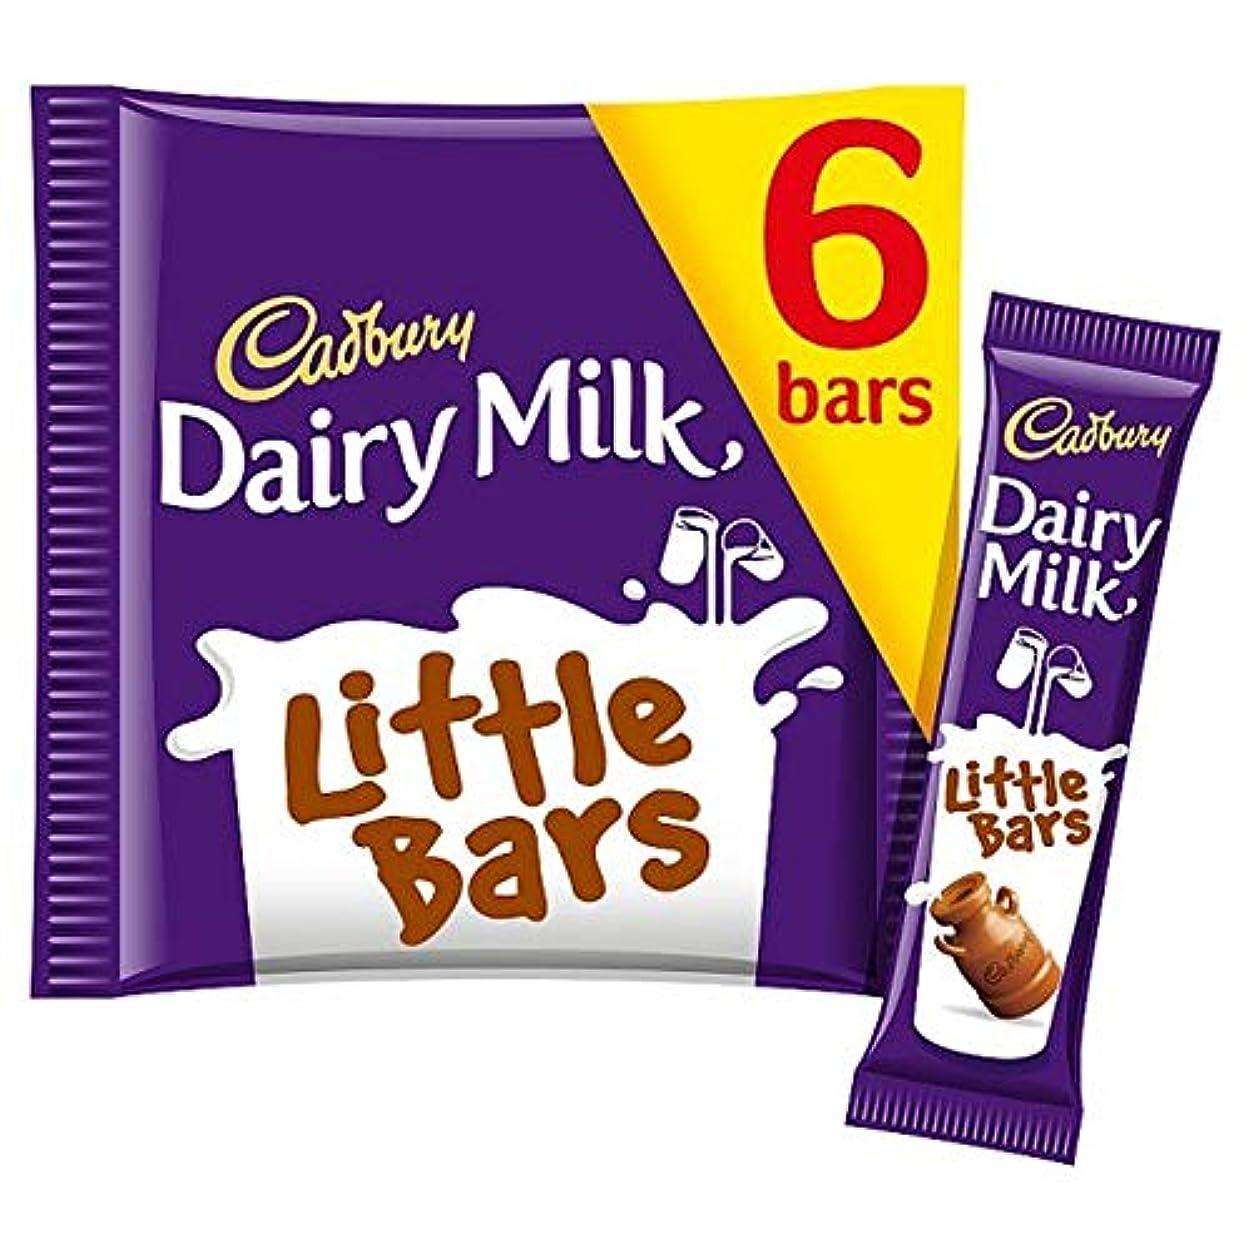 処方池降伏[Cadbury ] 子供の6パックのキャドバリー?デイリーミルク - Cadbury Dairy Milk For Kids 6 Pack [並行輸入品]